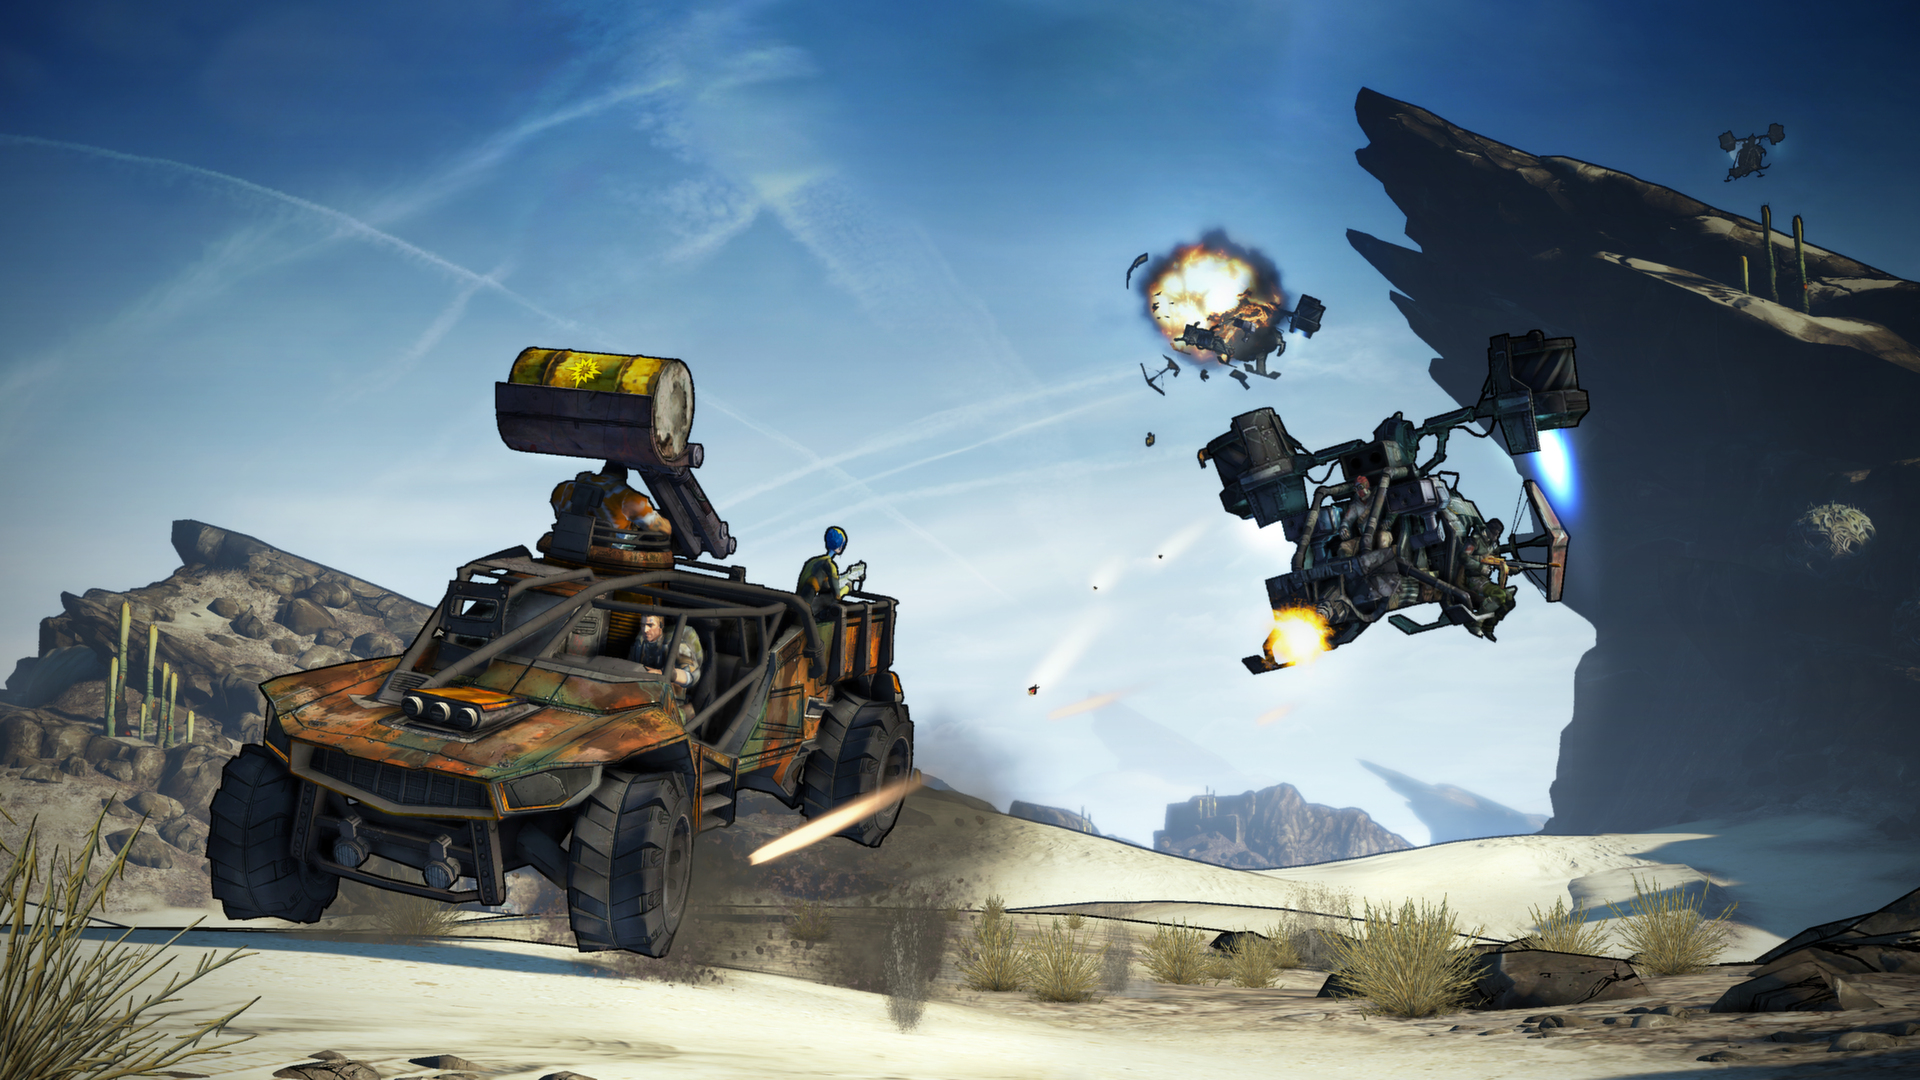 Link Tải Game Borderlands 2 Remastered Online Miễn Phí